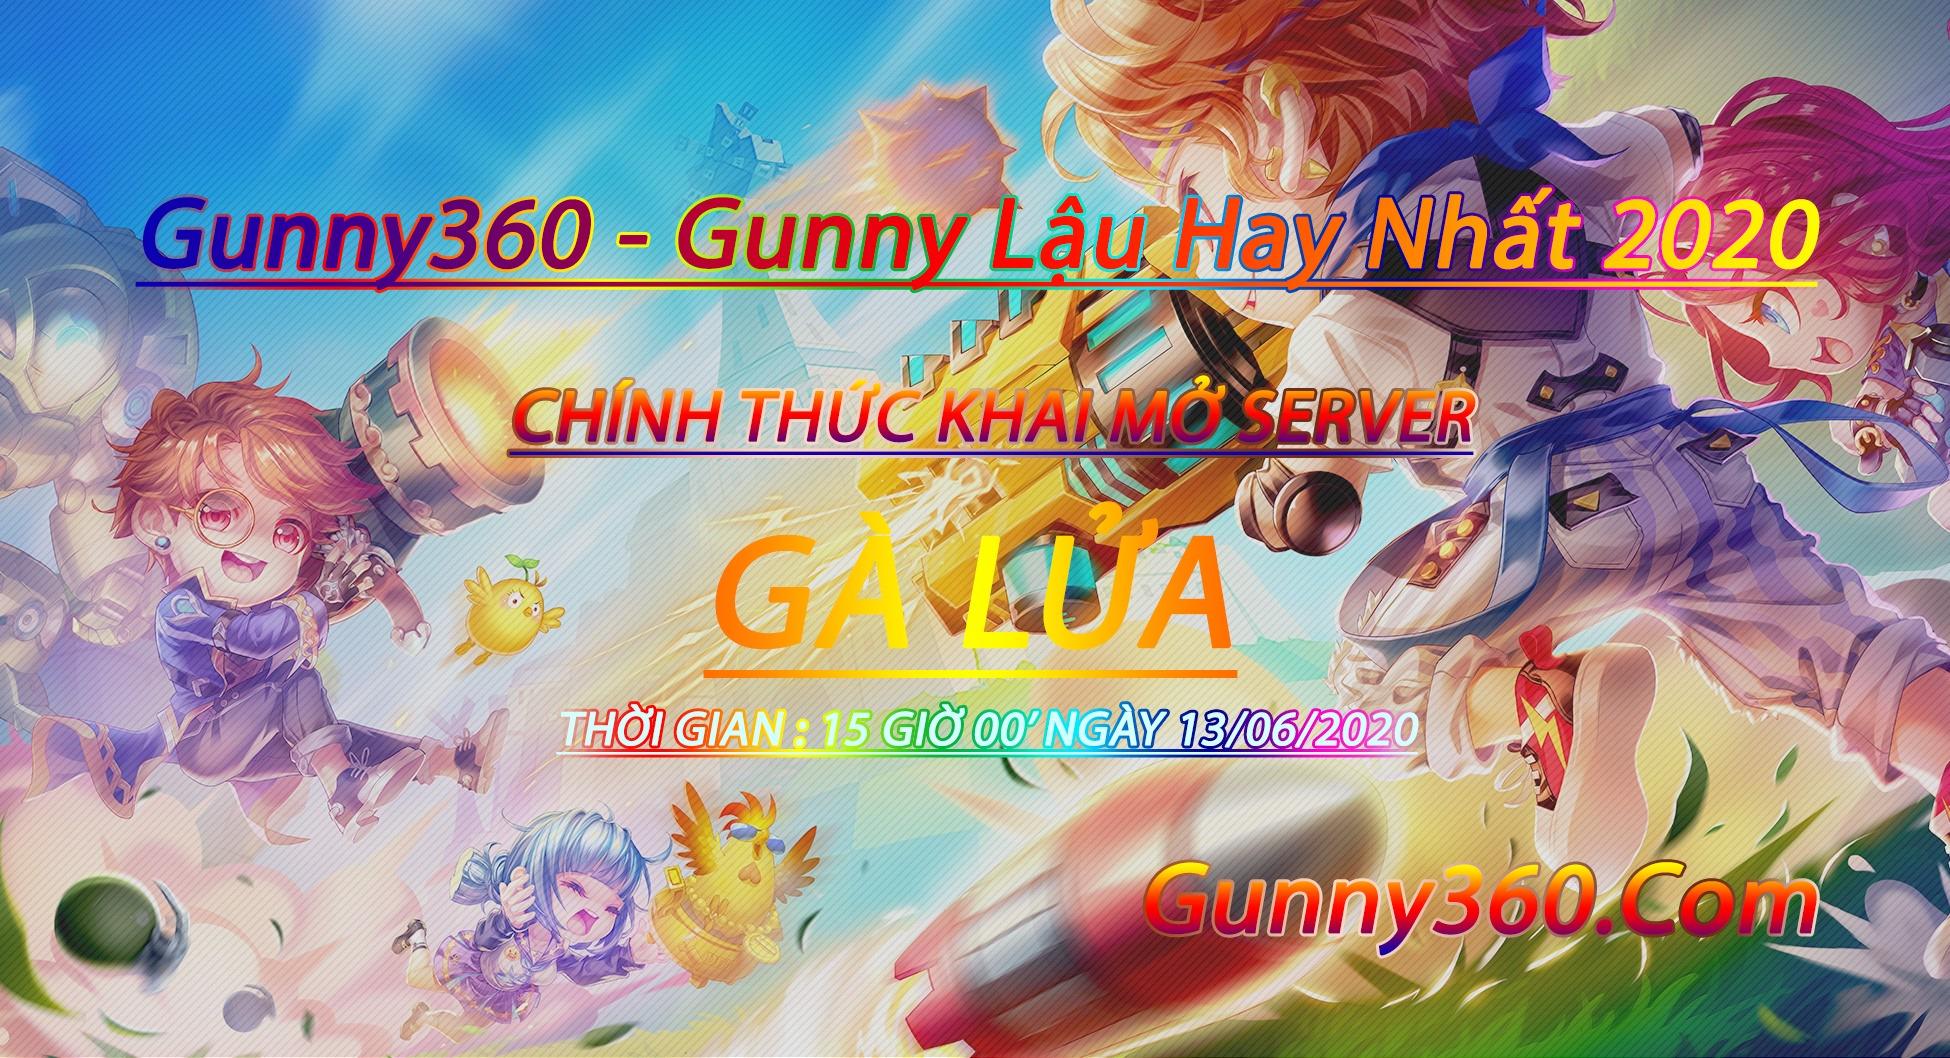 Gunny Free Open Hôm Nay Tặng Nhìu quà hấp Đẫn Up